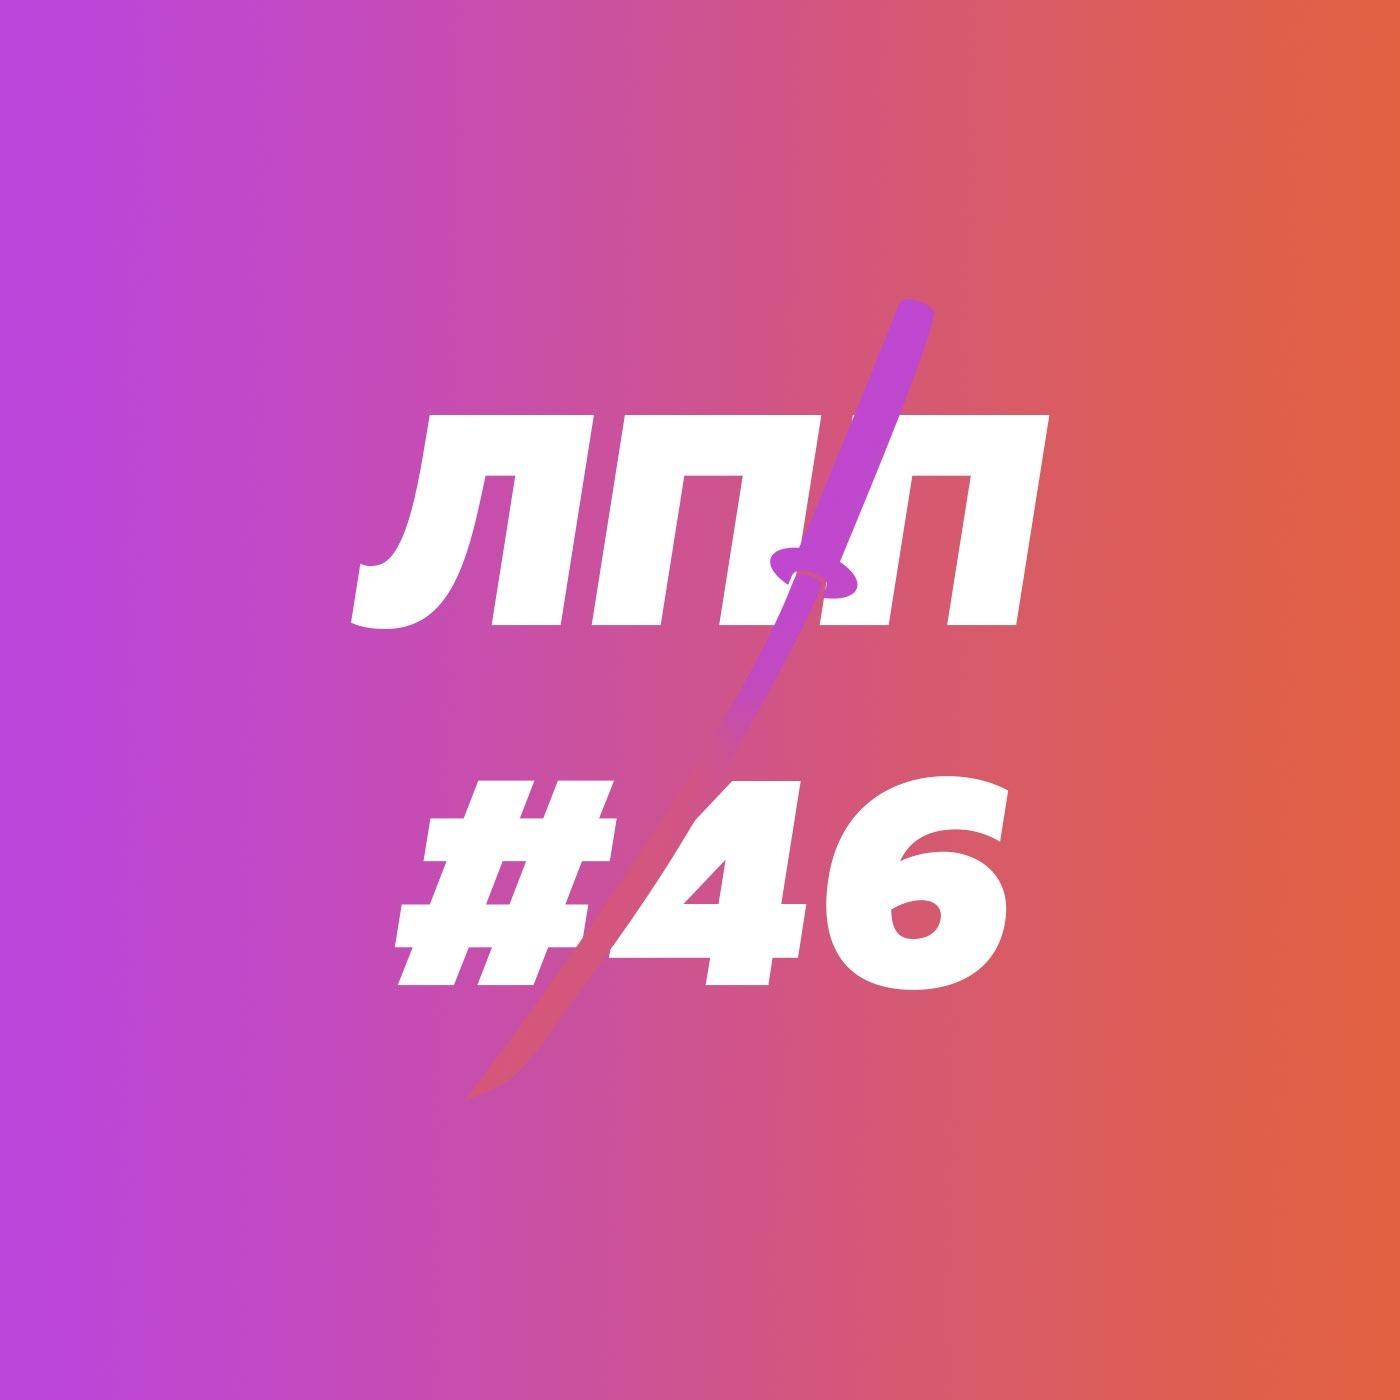 Выпуск 46 — Инфантильные желания, умение их удовлетворять и премудрый гном как наставник